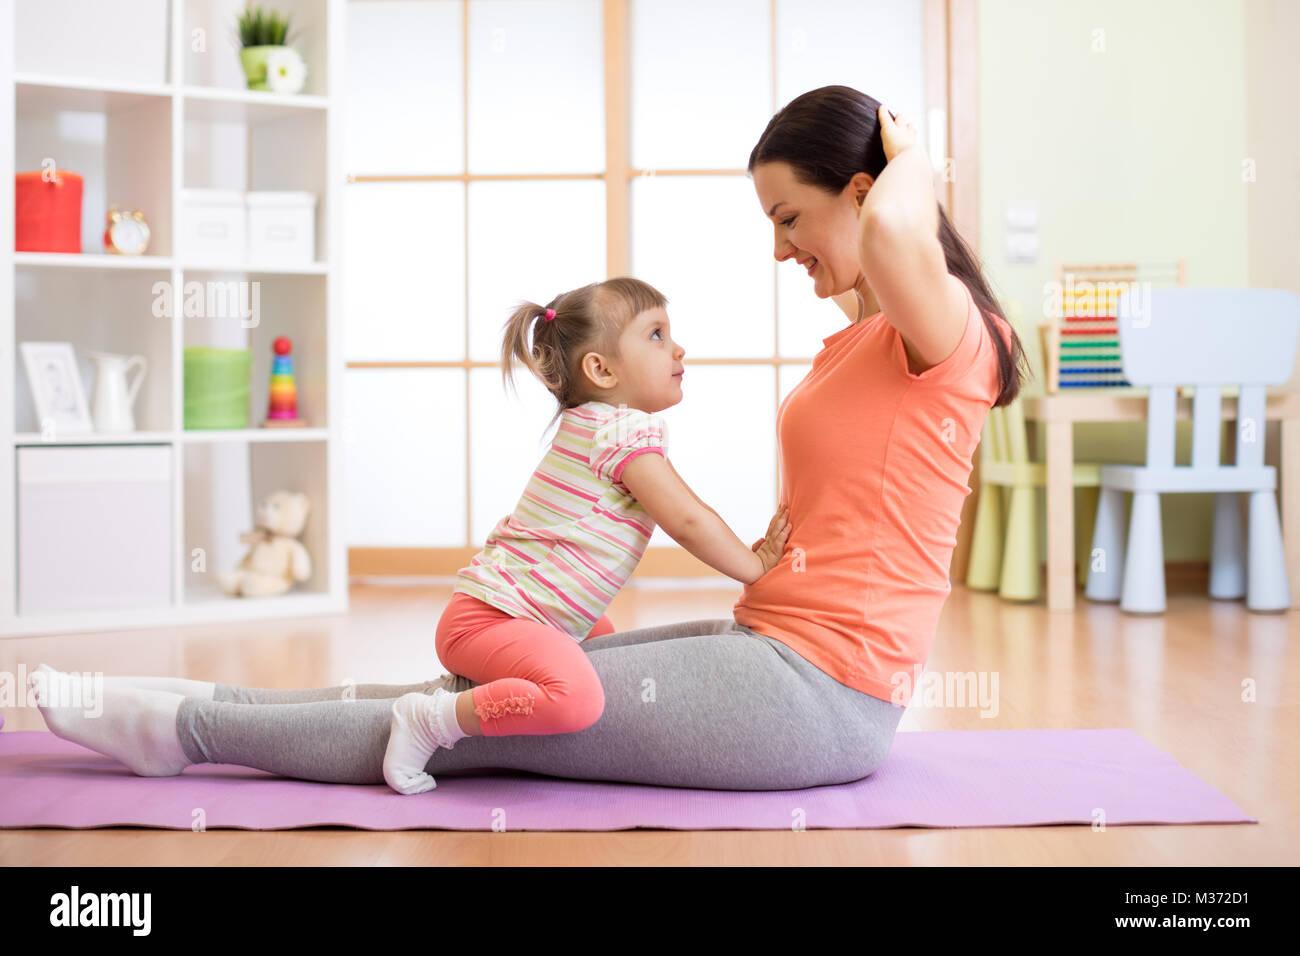 Maman et enfant de faire des exercices de remise en forme sur le tapis à la maison Photo Stock